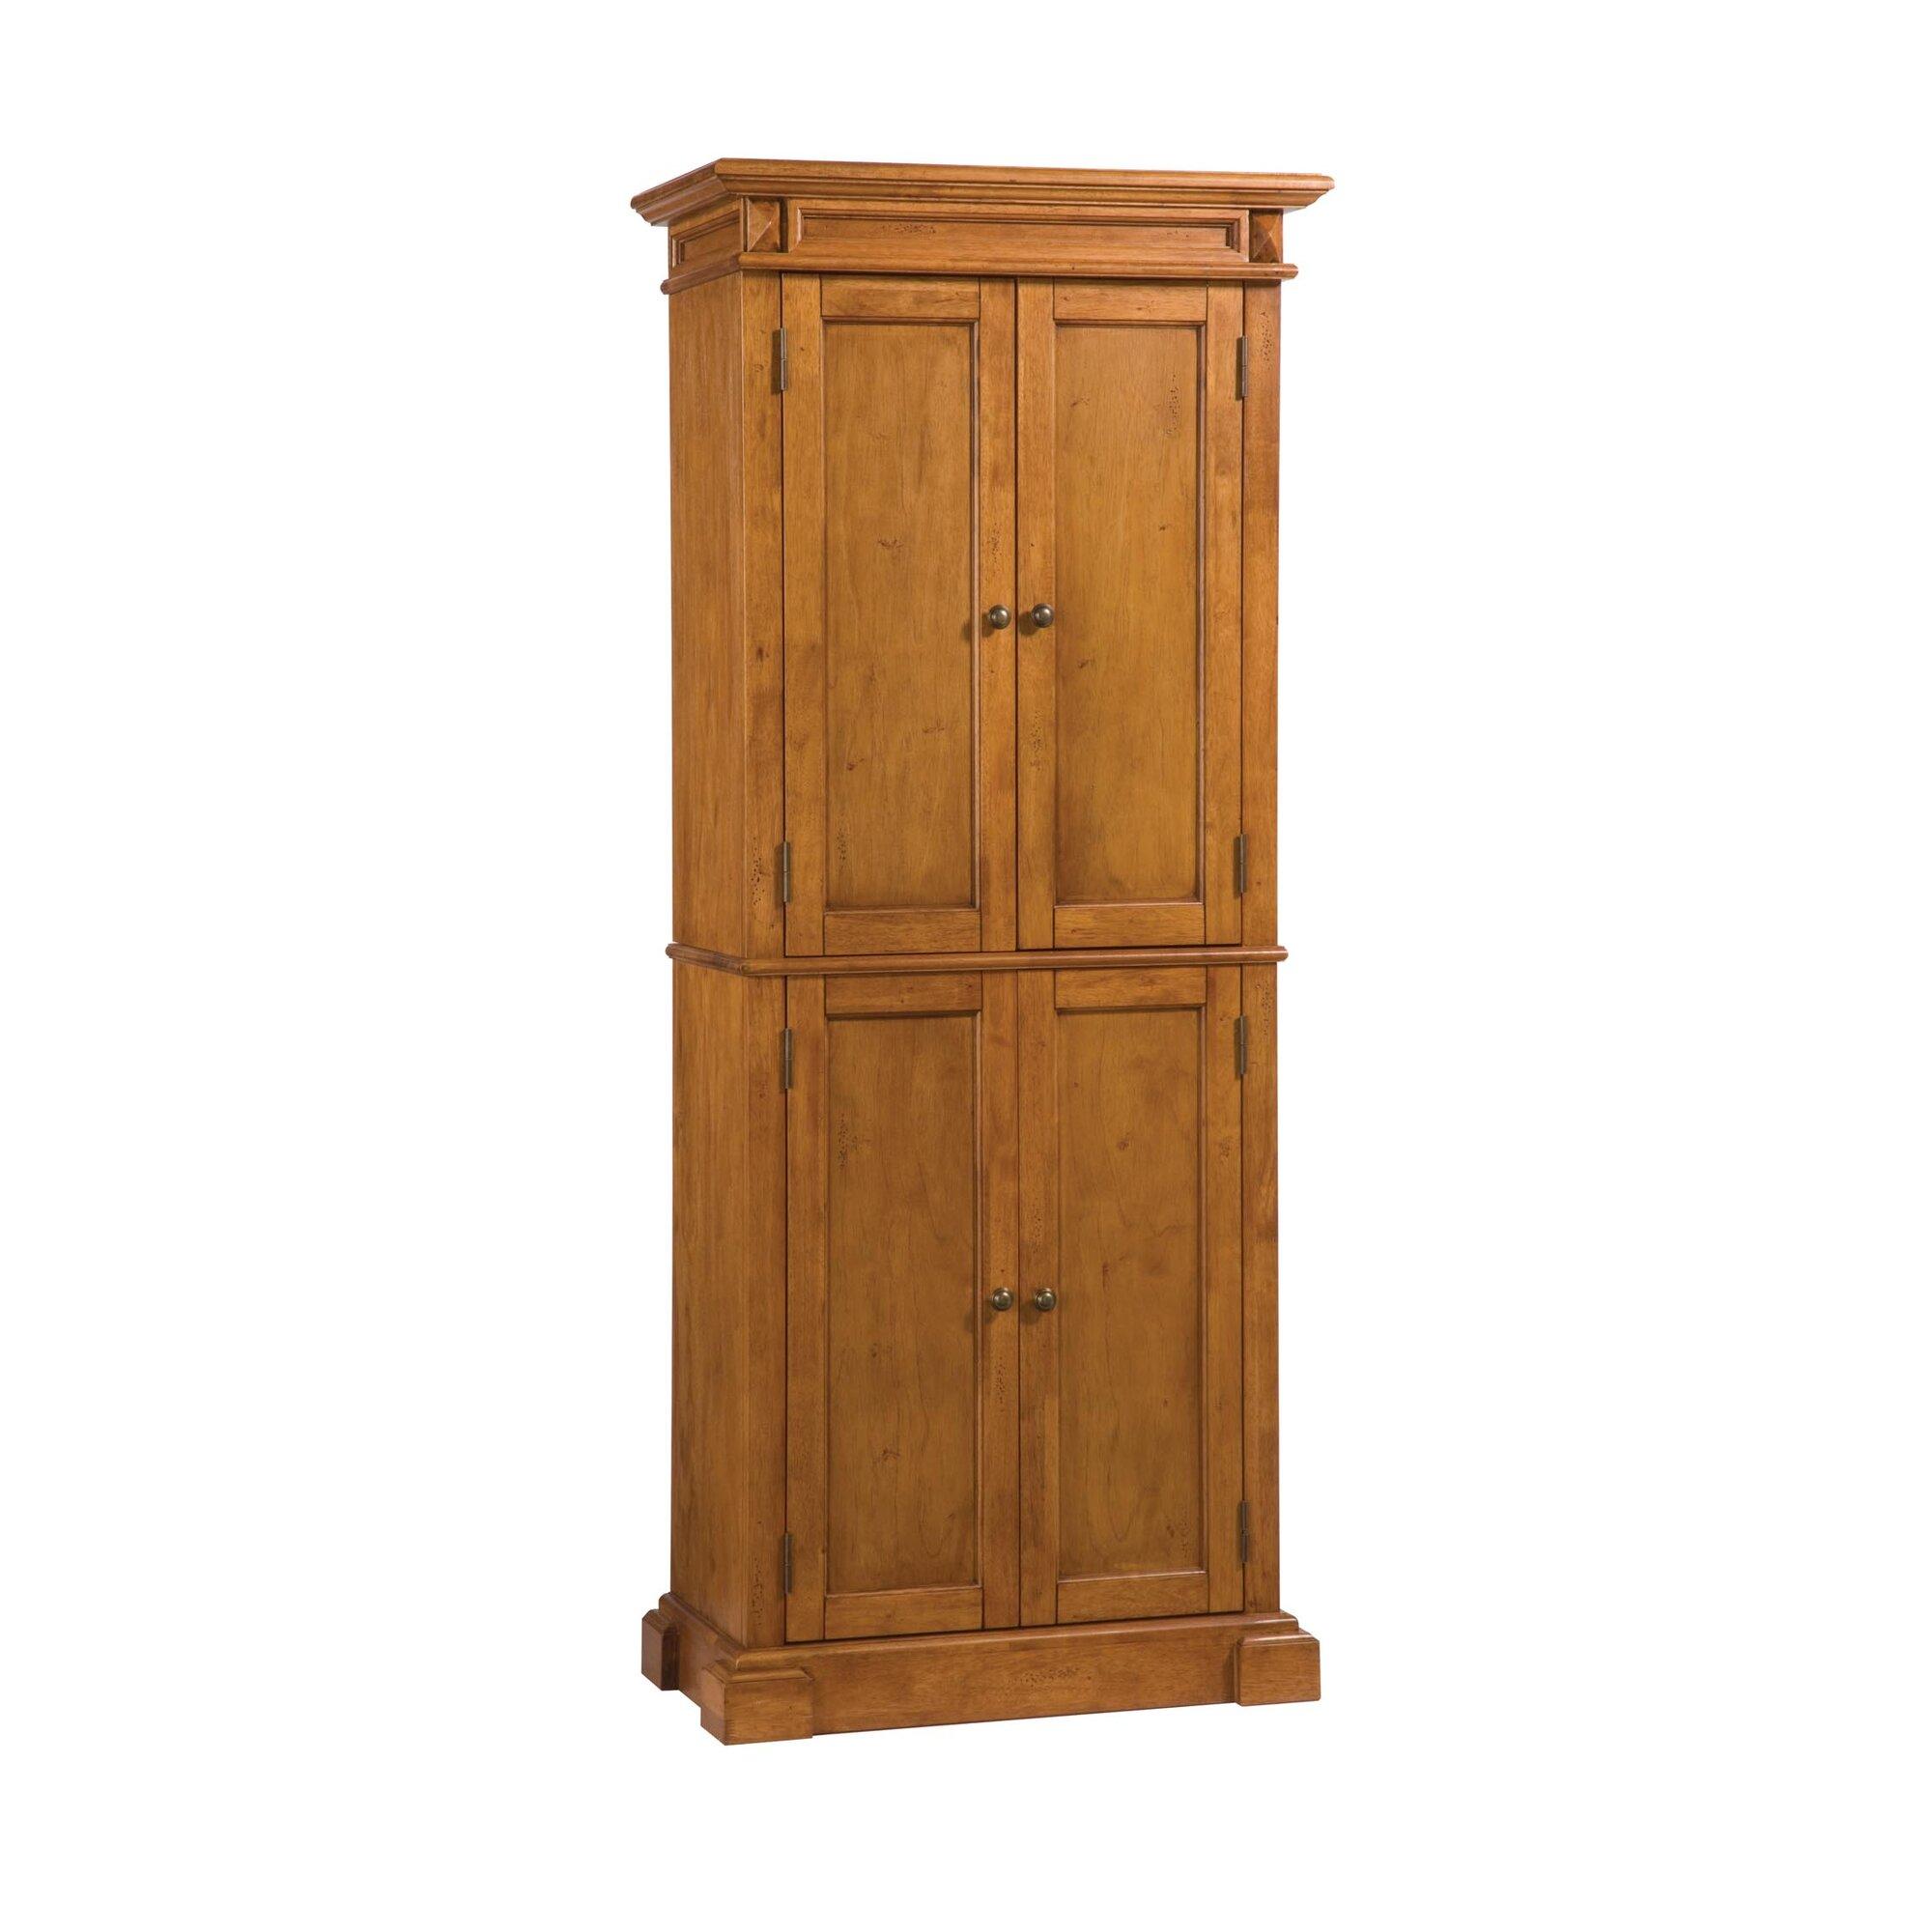 Small kitchen storage cabinet - Fogleman Kitchen Pantry